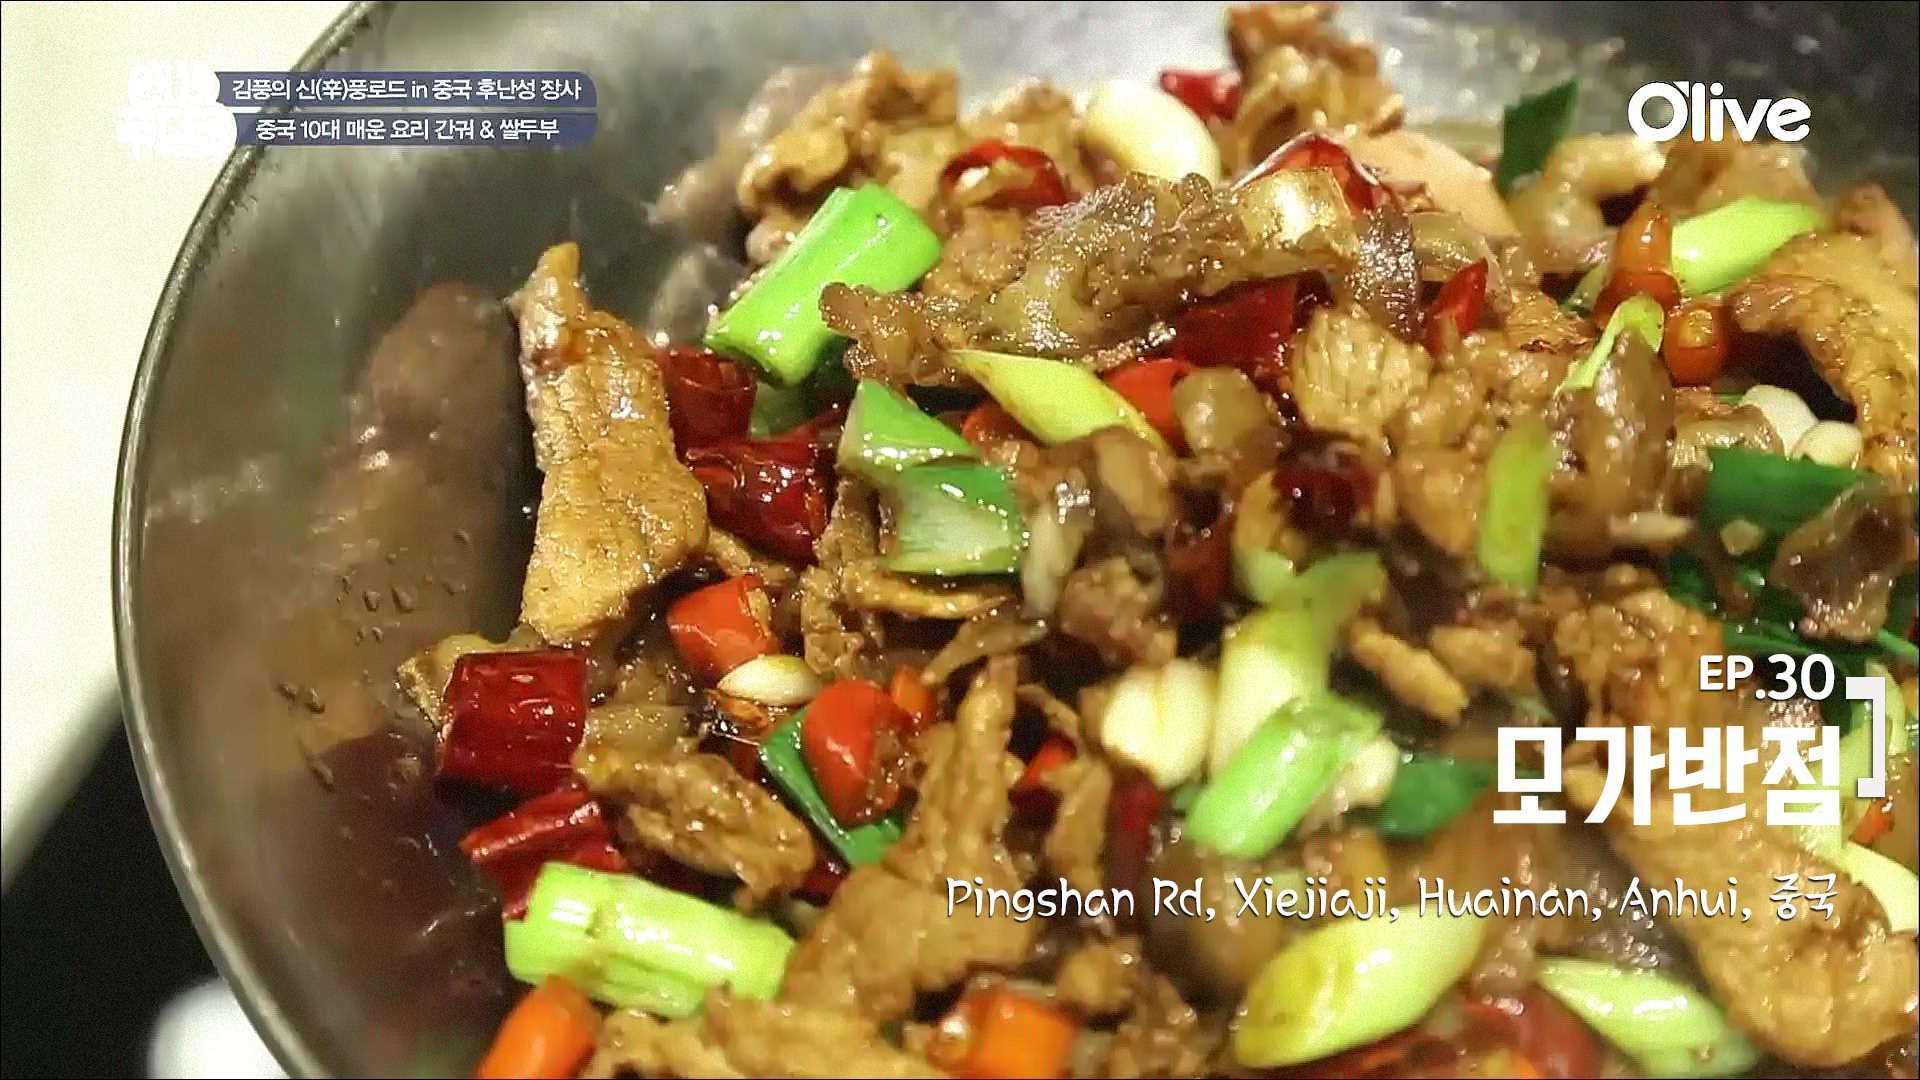 CNN이 선정한 가장 매운 10대 중국요리에 선정된 '간궈' < 모가반점 >